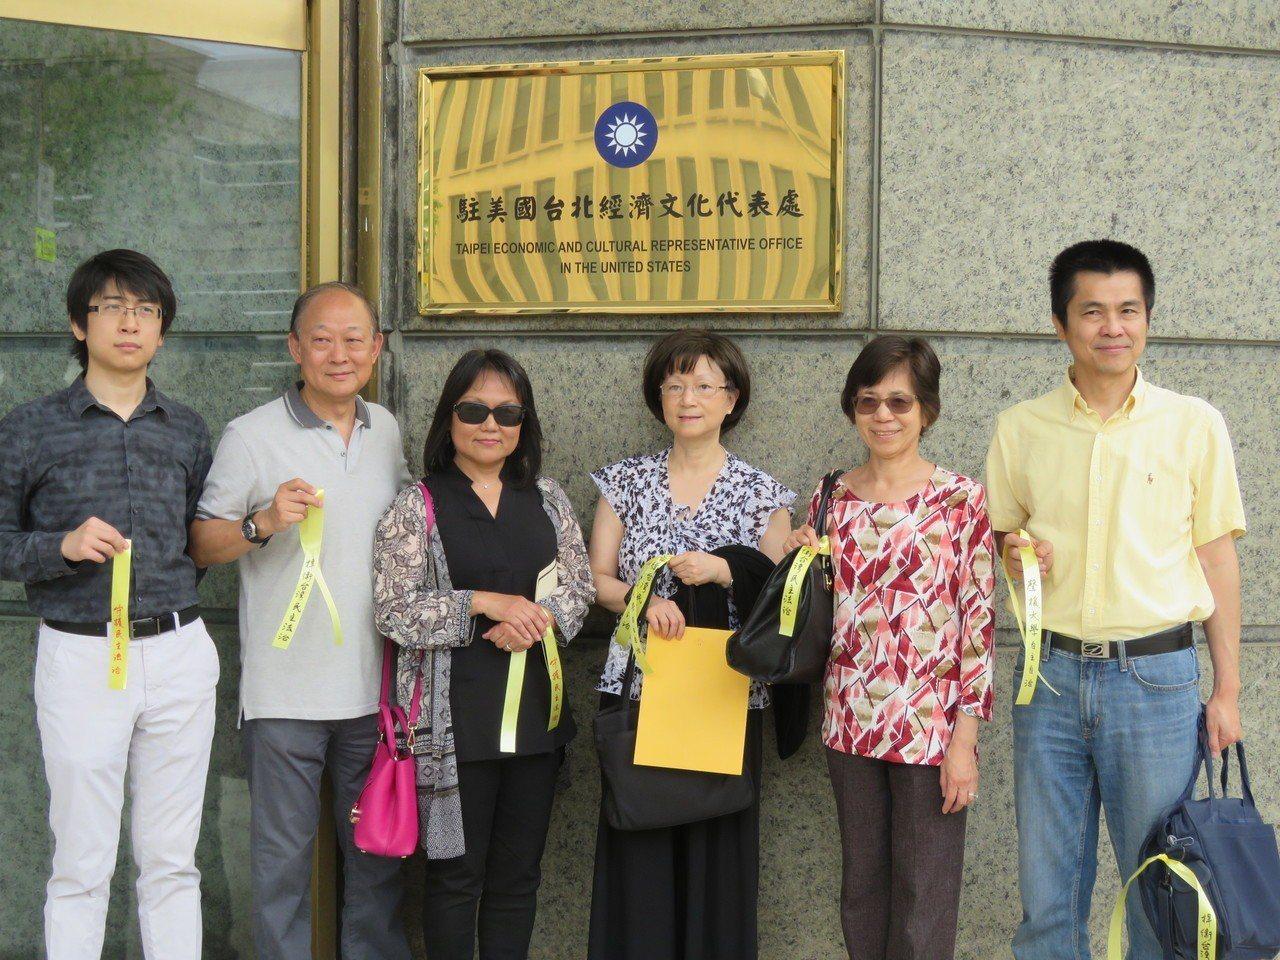 美國大華府及巴城台灣大學校友會成員4日帶著「捍衛台灣民主法治」的黃絲帶赴駐美代表...